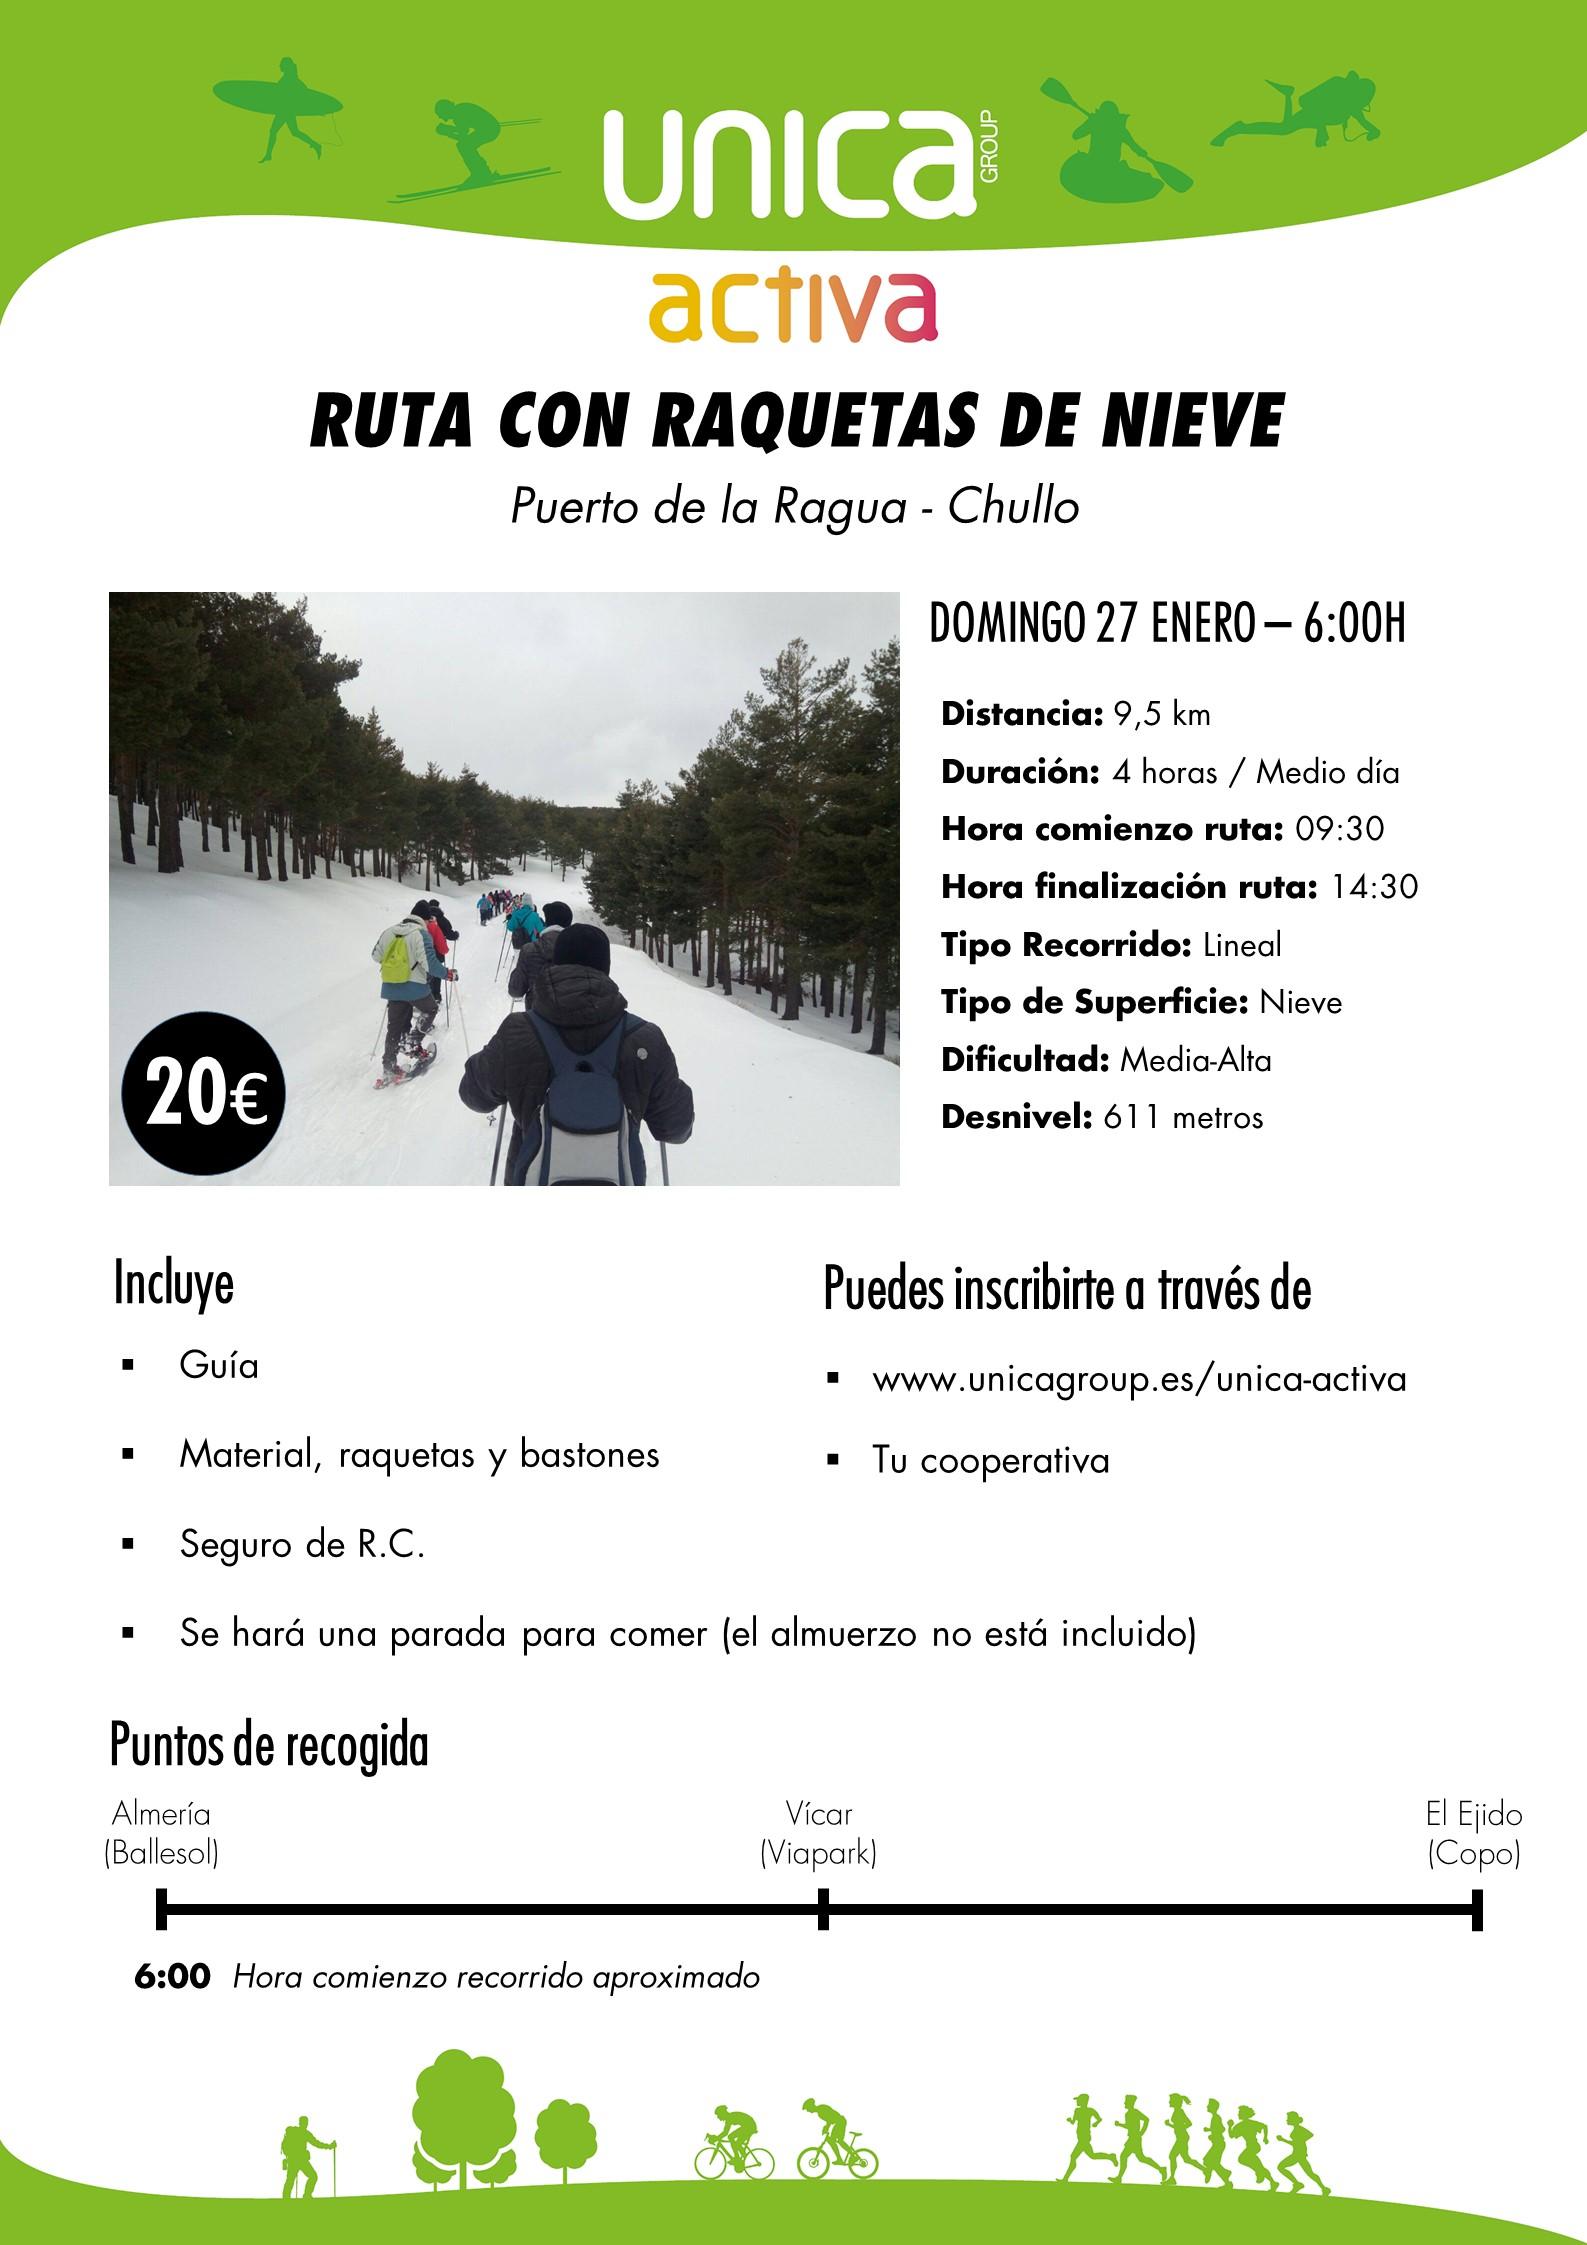 Ruta con raquetas de nieve (Puerto de la Ragua)